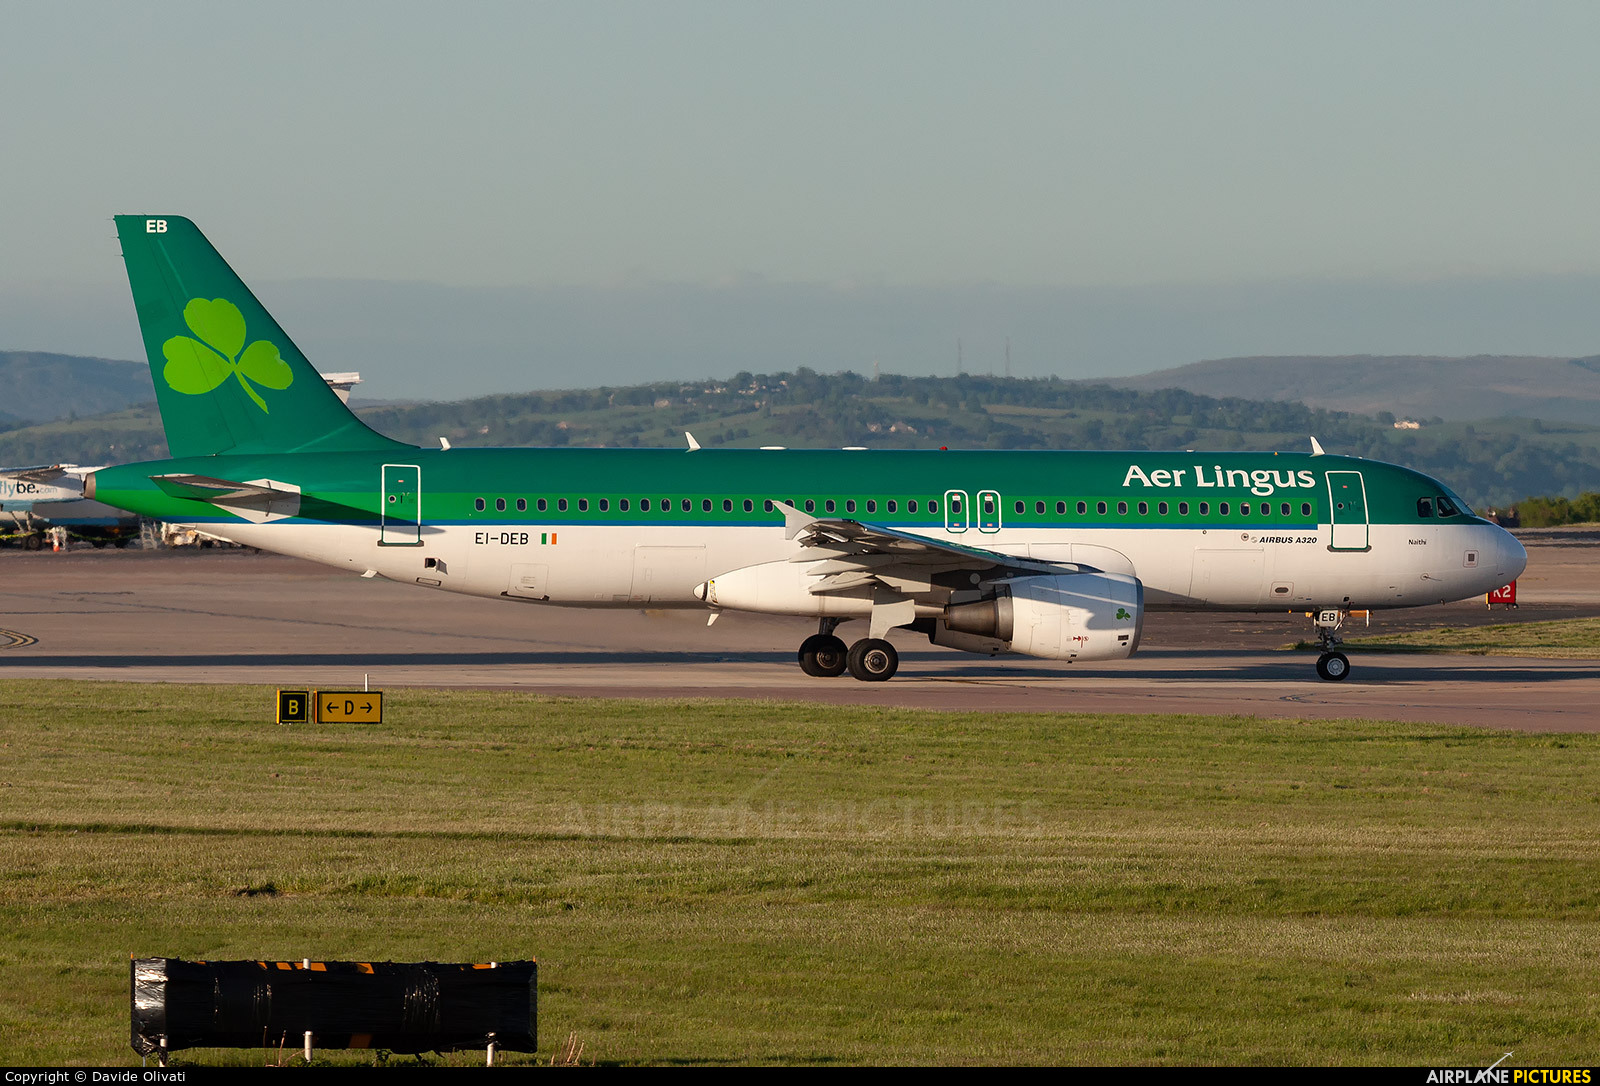 Aer Lingus EI-DEB aircraft at Manchester